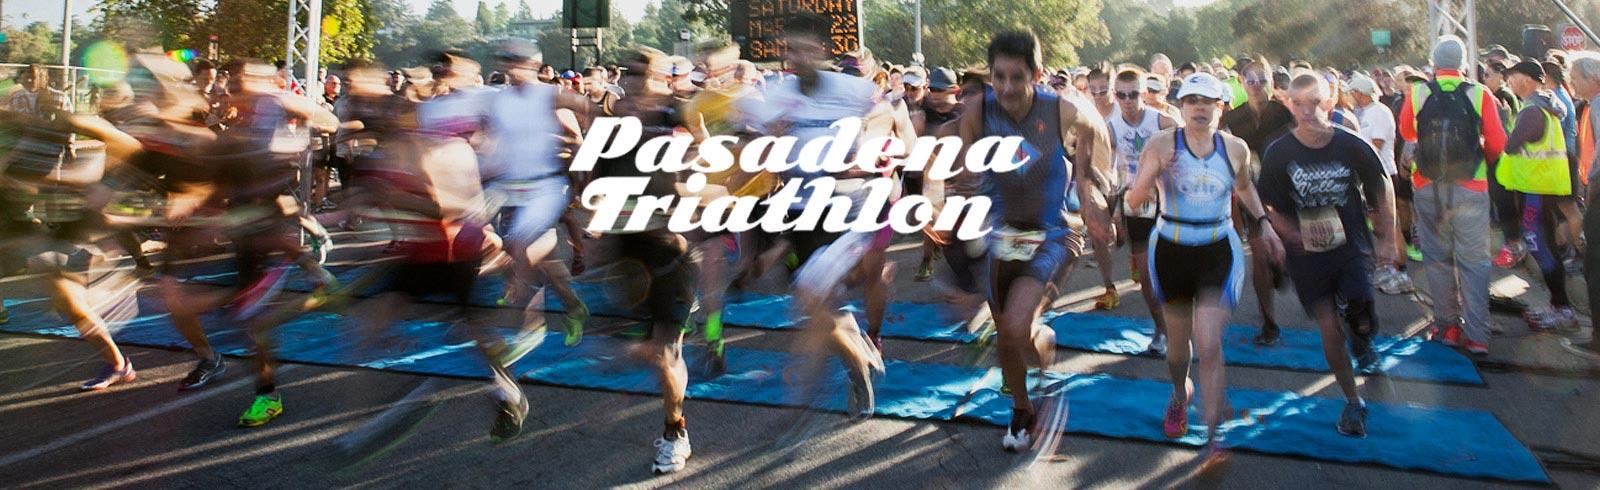 pasadena-event-slide-01